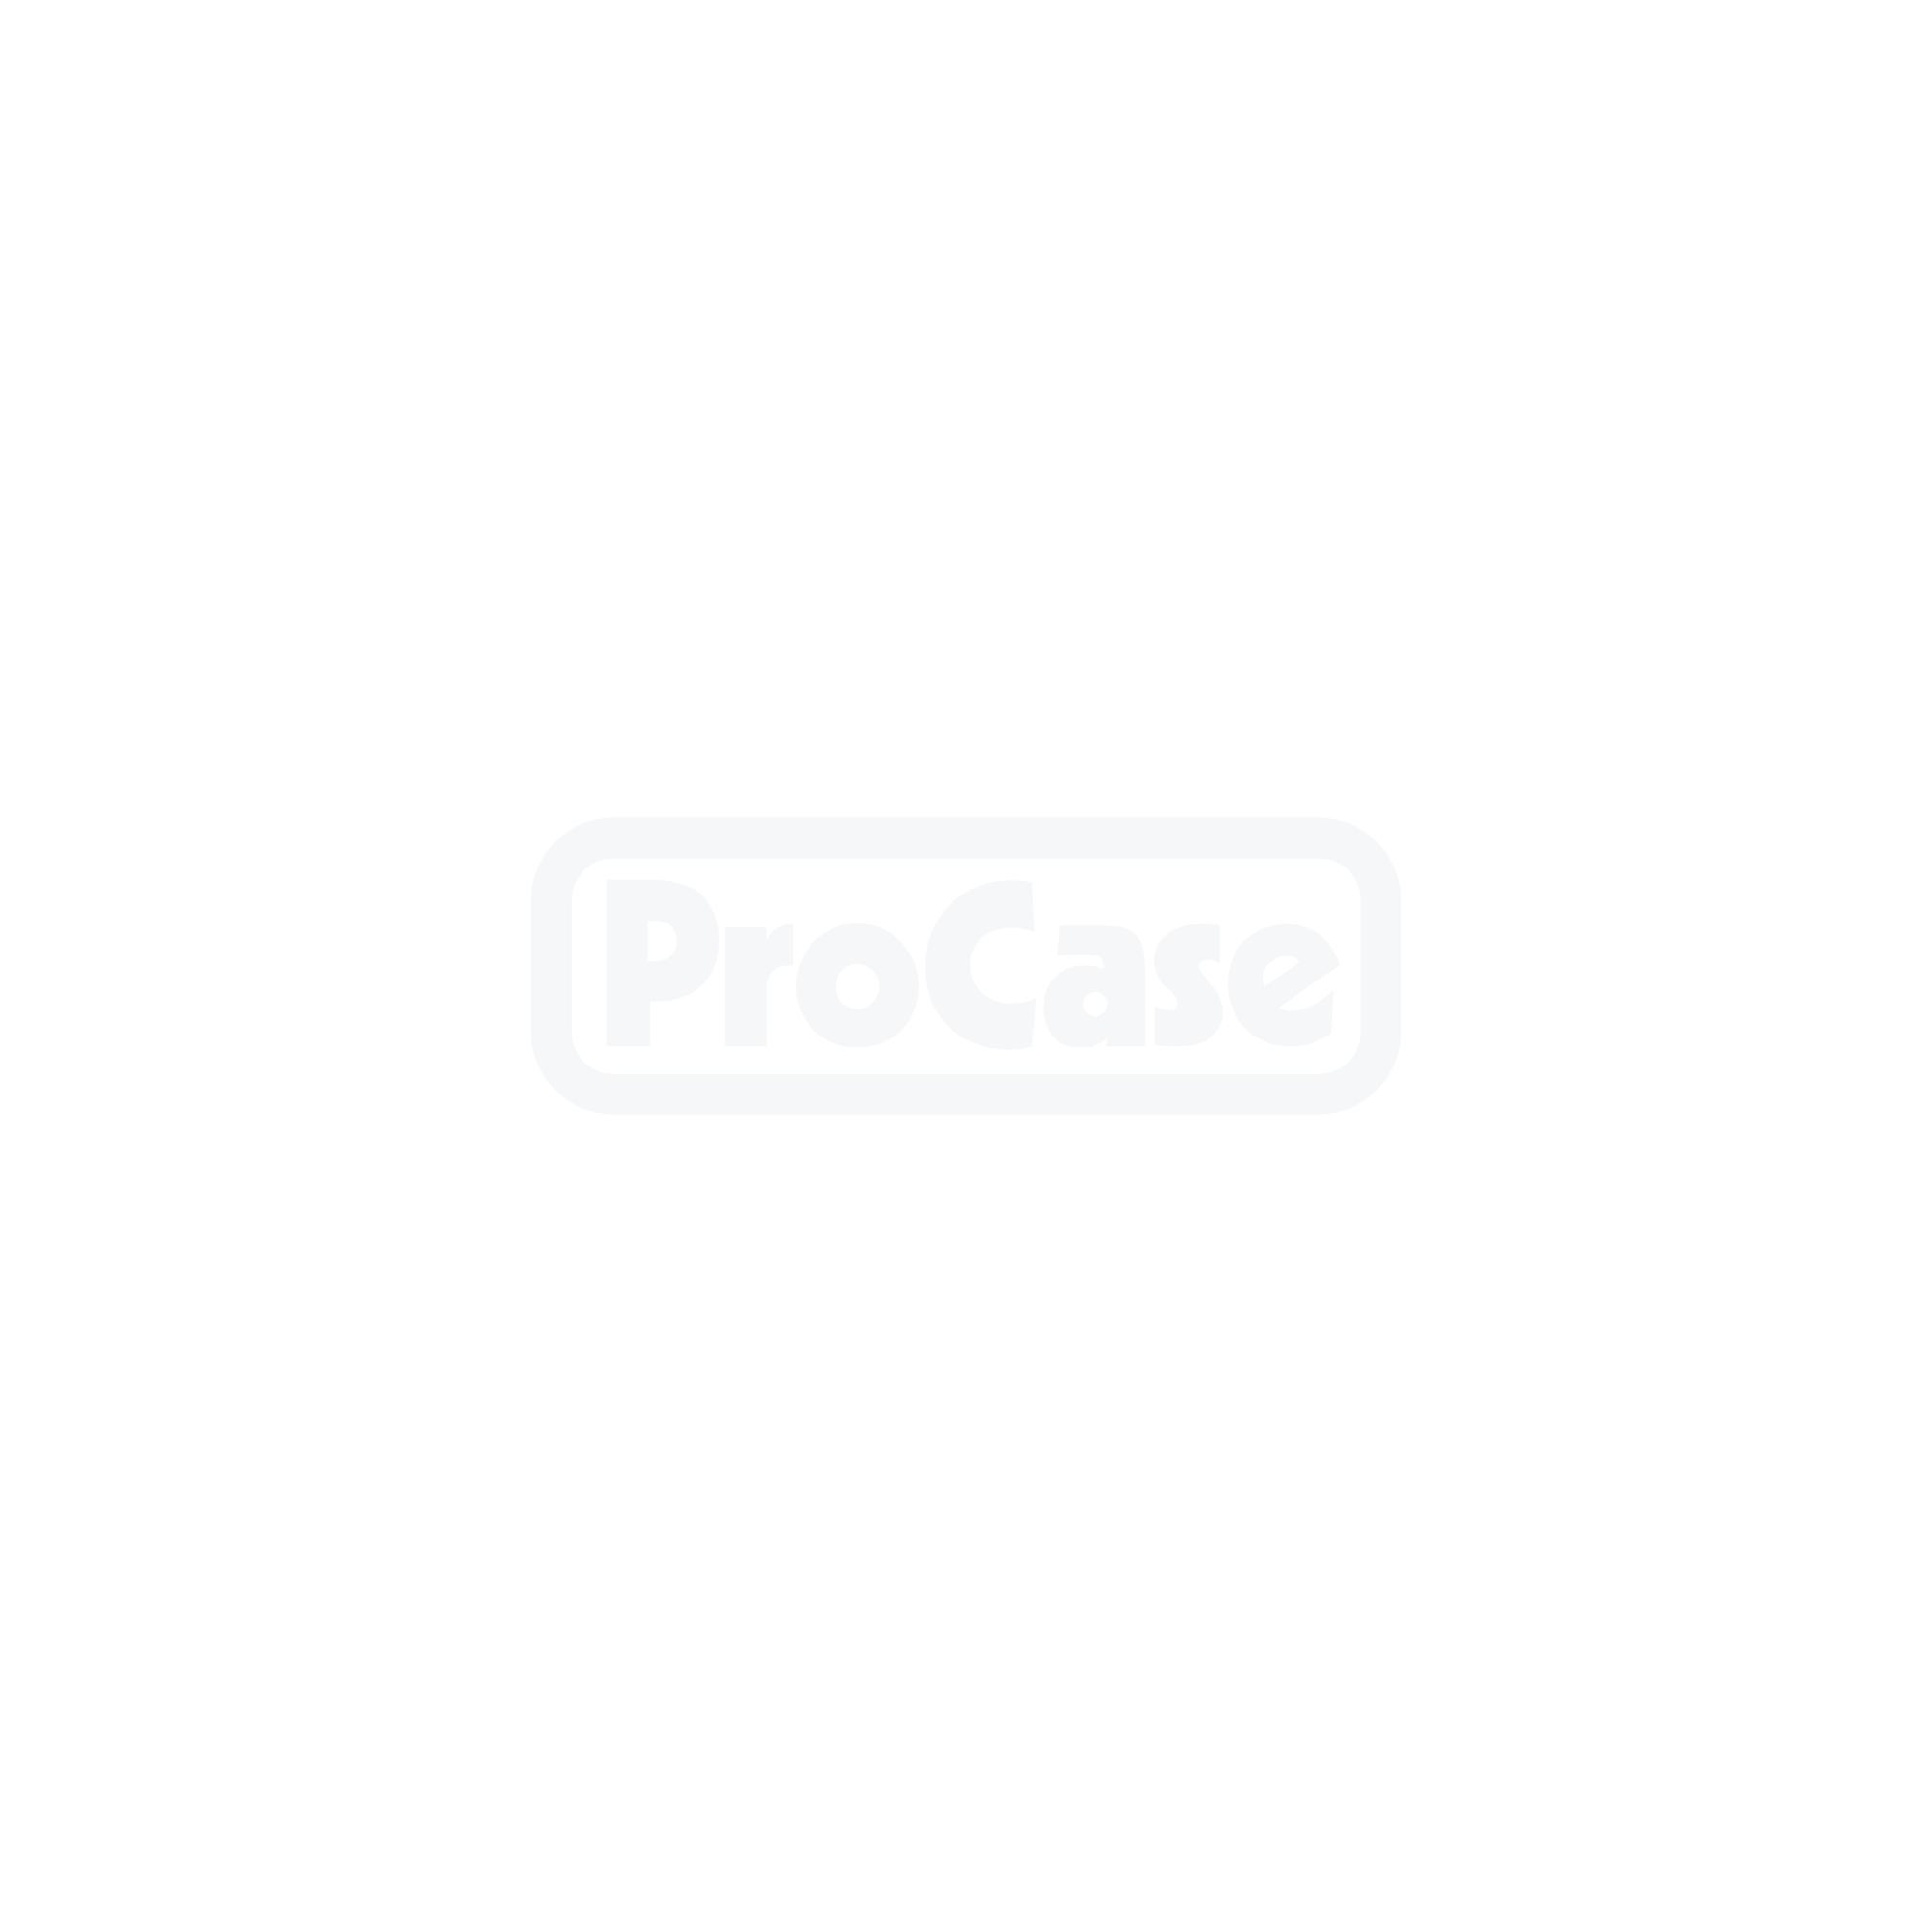 QSD-Rack 20HE 600 mm tief